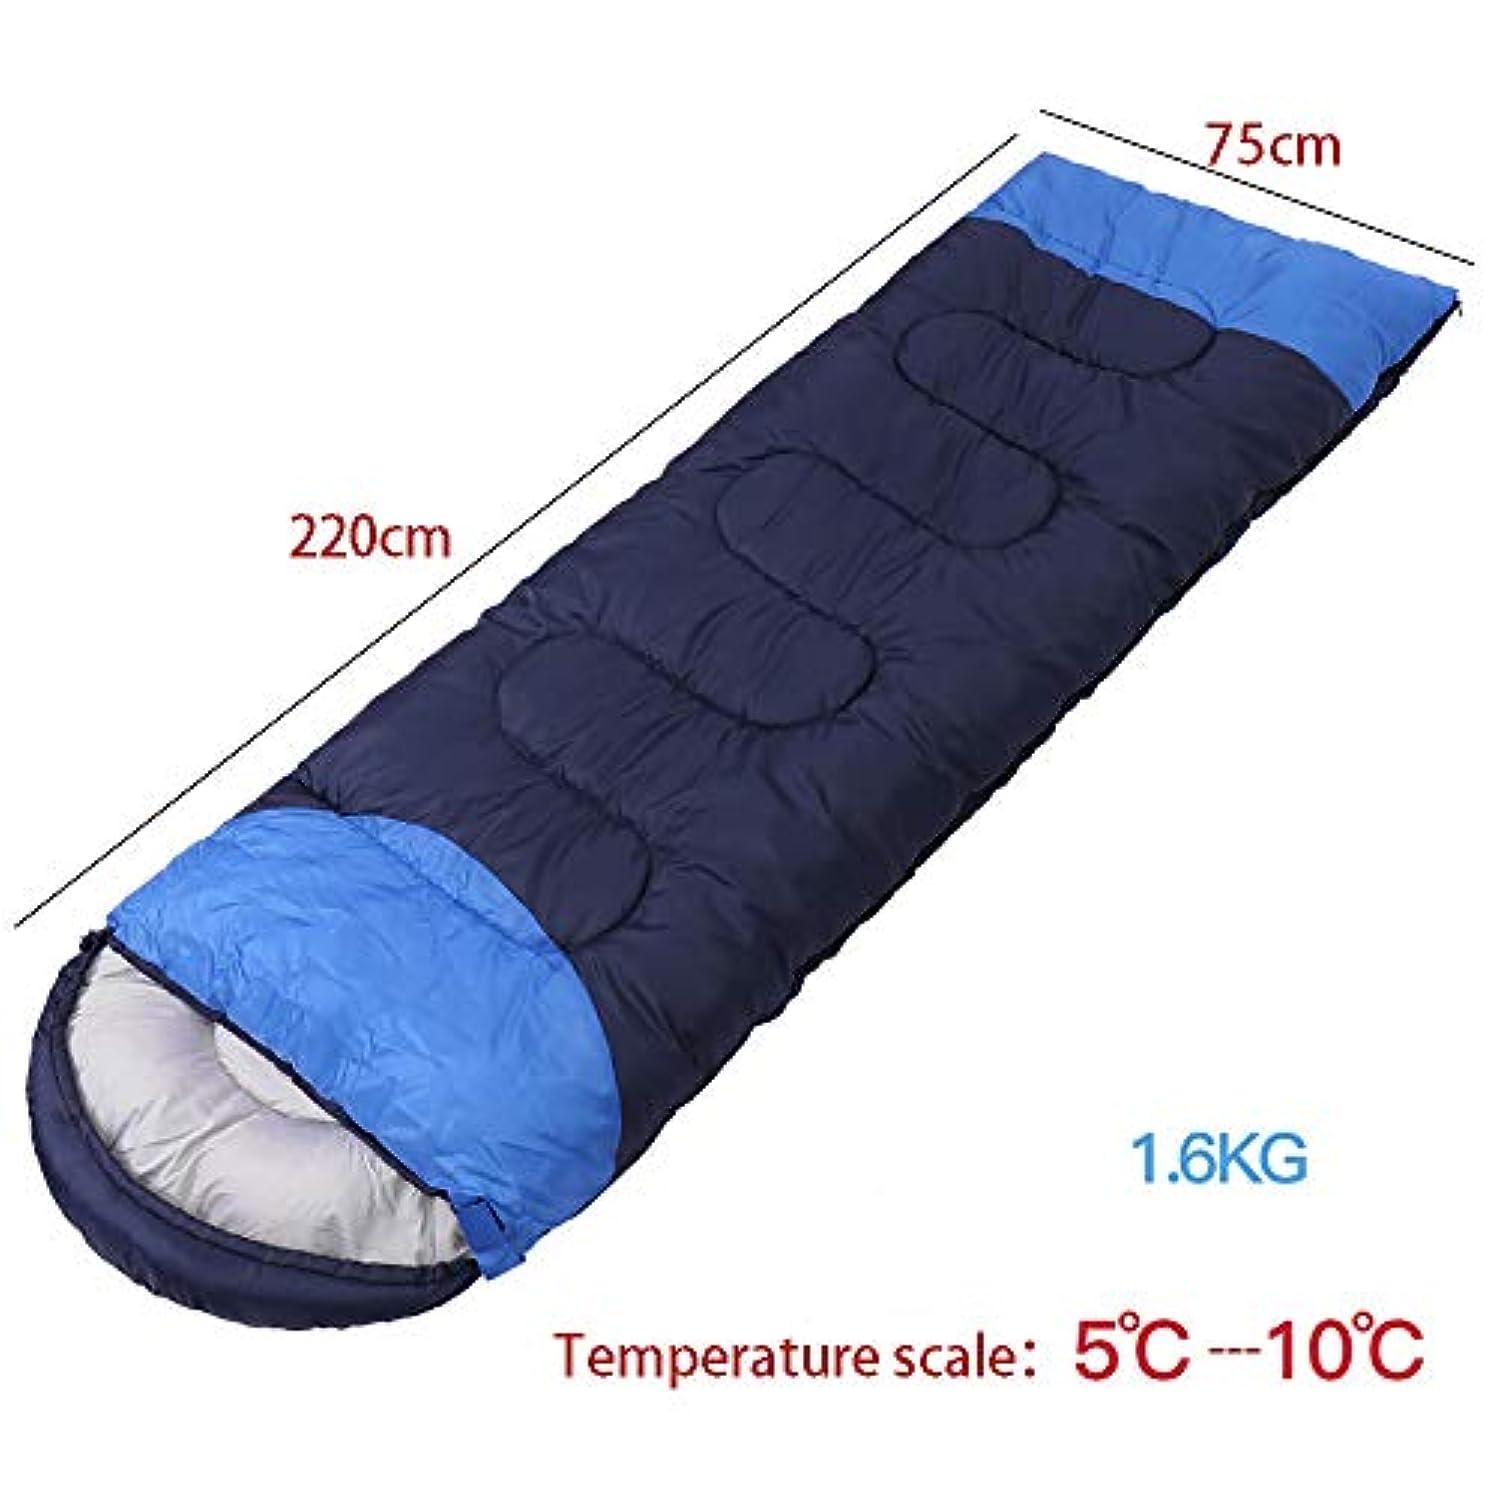 魅力的であることへのアピールきれいに子供達屋外の寝袋キャンプ寝袋旅行寝袋封筒寝袋フィールド用品大人